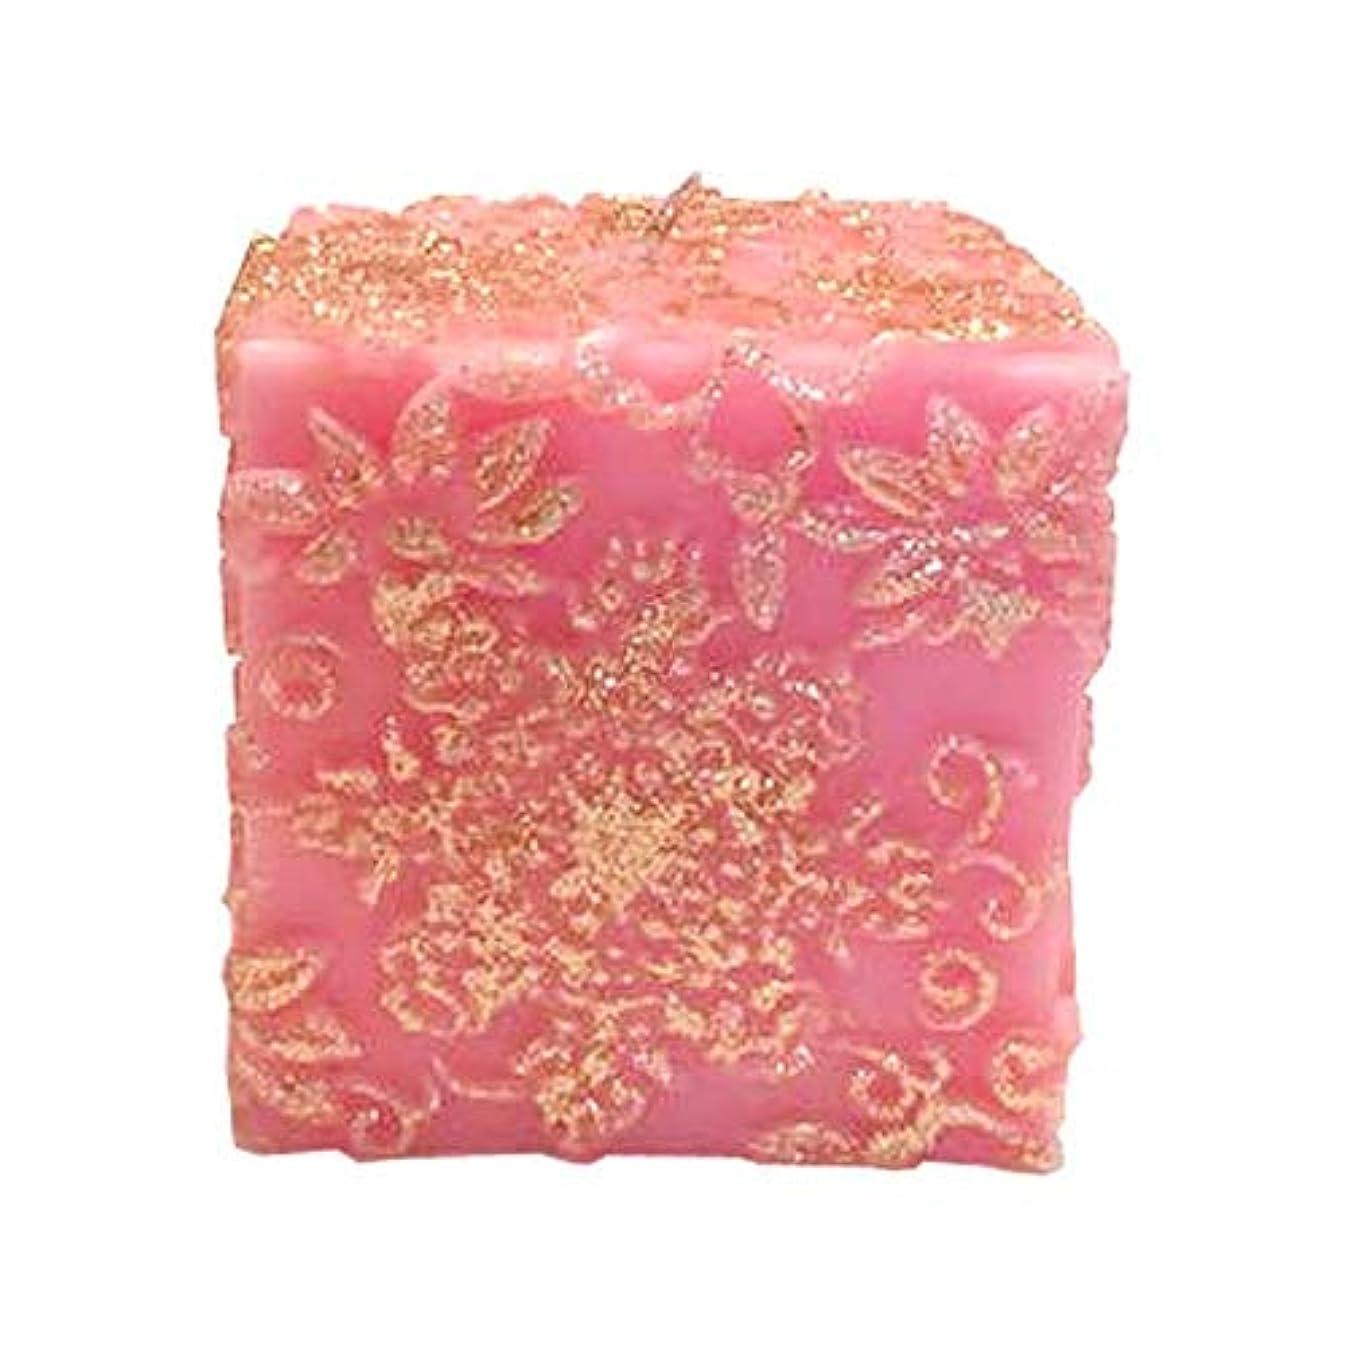 解放磁気ひどくスノーフレークフラワー Cube (Pink×Gold Gliter)